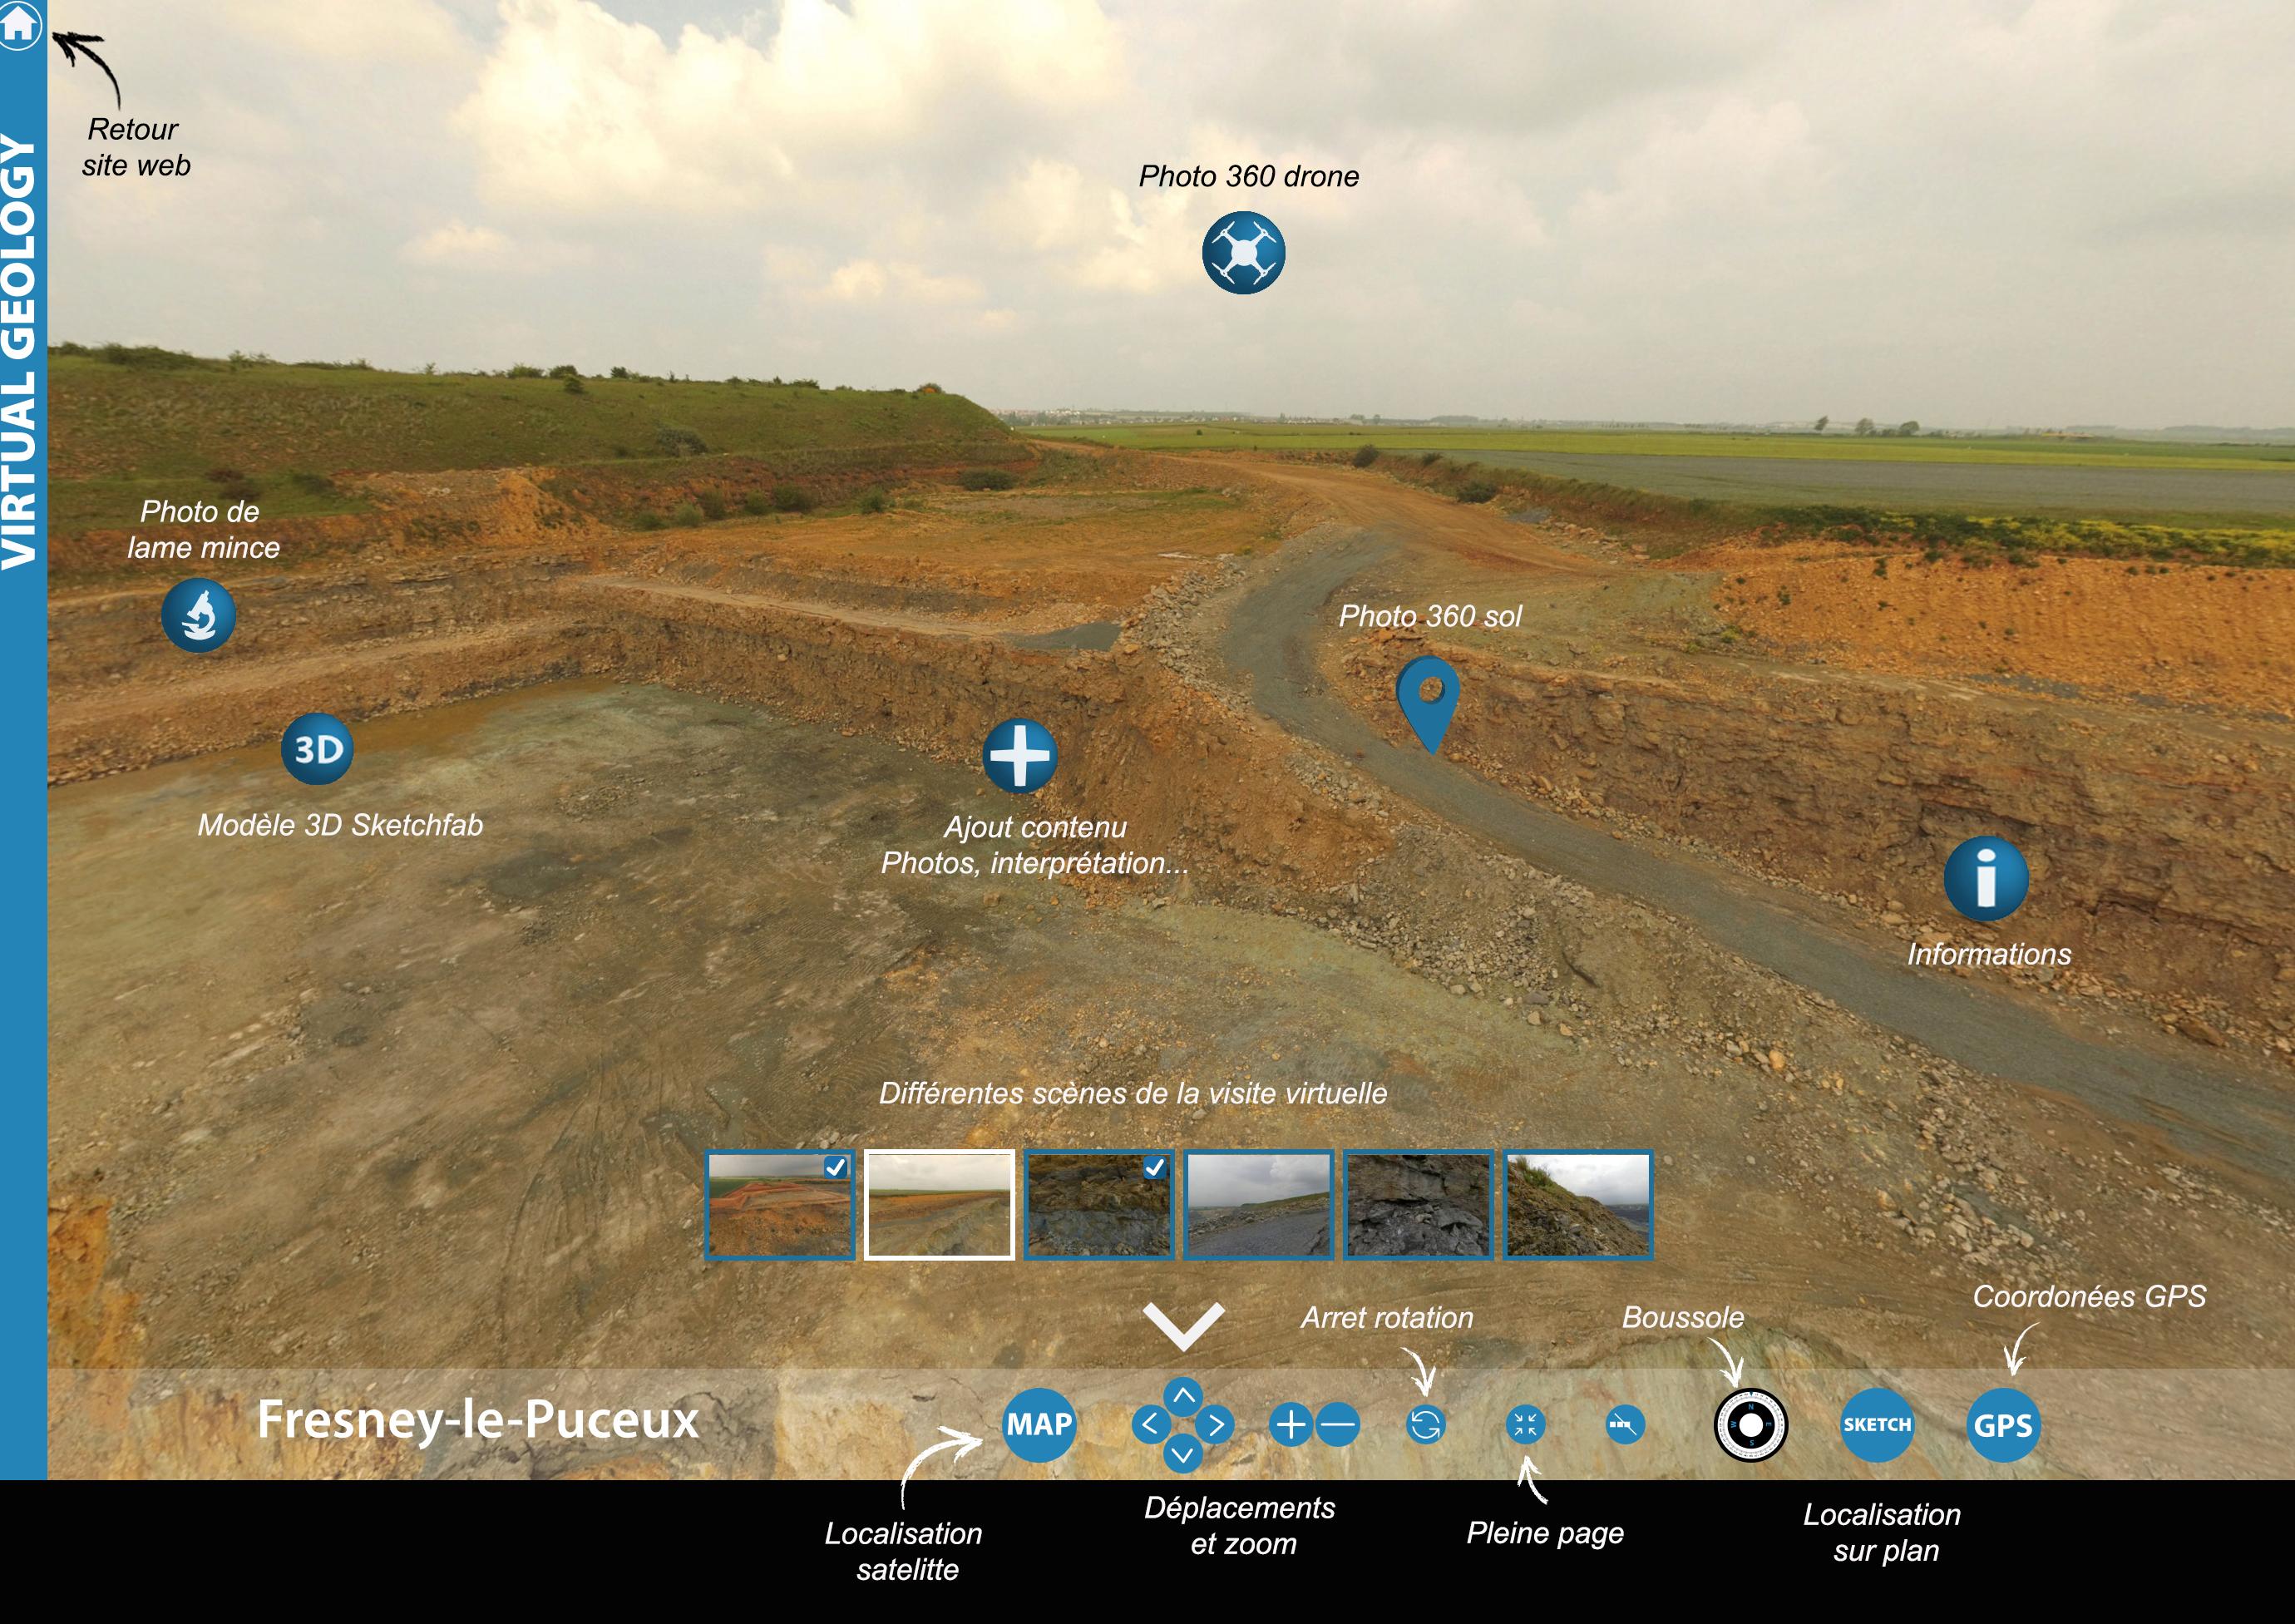 Geologie virtuel sur le terrain Découverte de field trip géologique virtuel 360